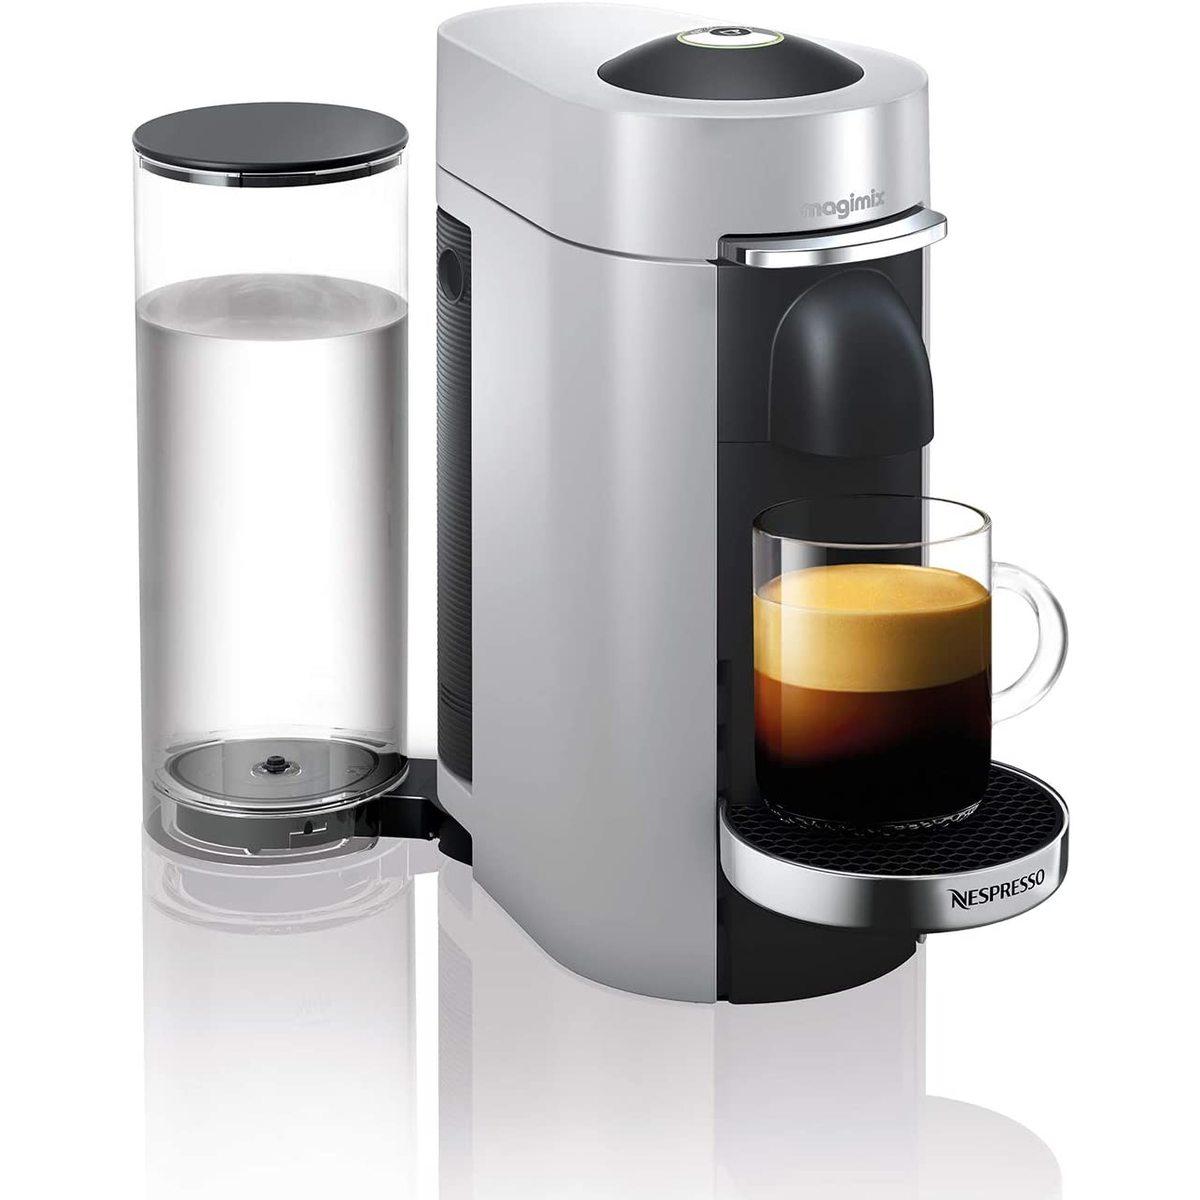 Magimix 11386 Nespresso Vertuo Plus in Silver